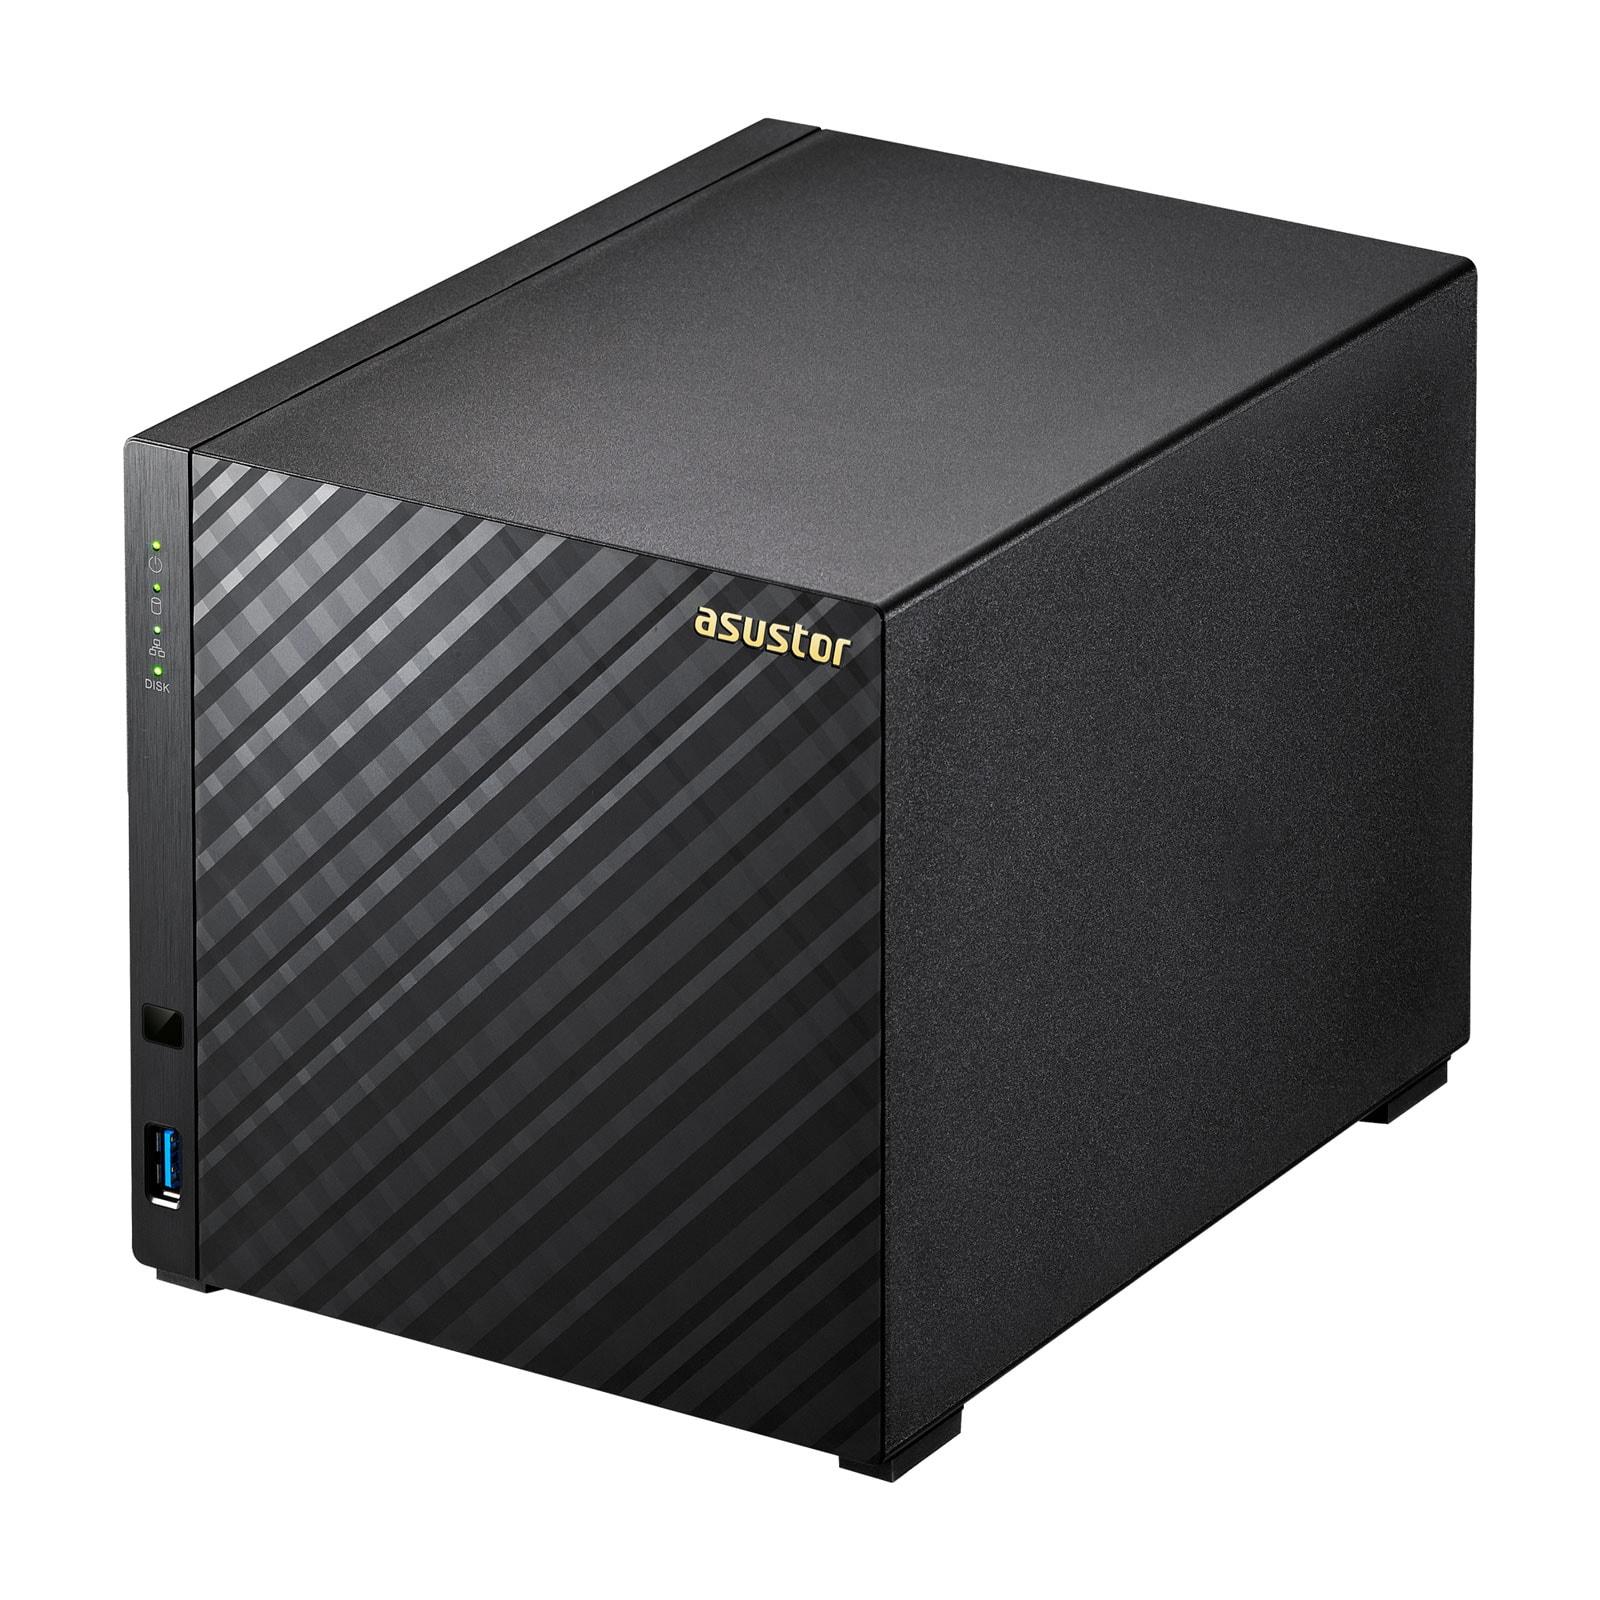 Asustor AS3204T - 4 HDD - Serveur NAS Asustor - Cybertek.fr - 2